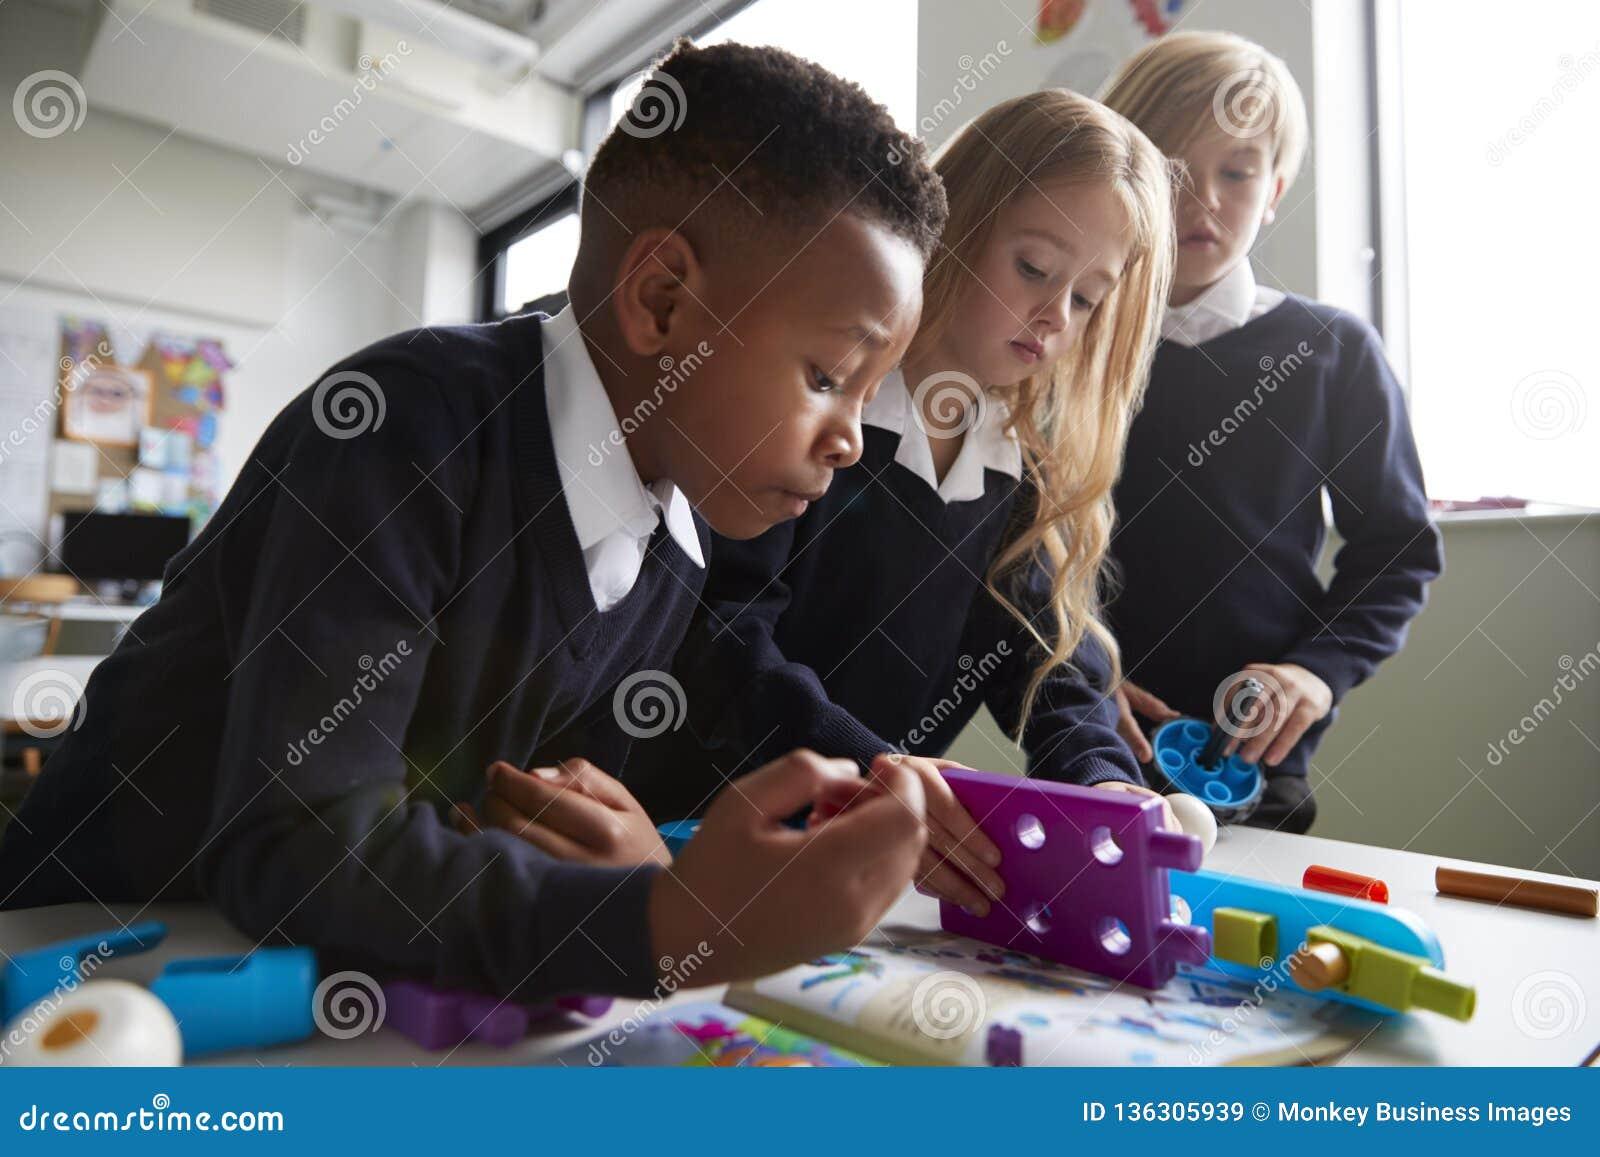 Sluit omhoog van drie lage schoolkinderen die samen met stuk speelgoed bouwblokken werken in een klaslokaal, lage hoek, zijaanzic